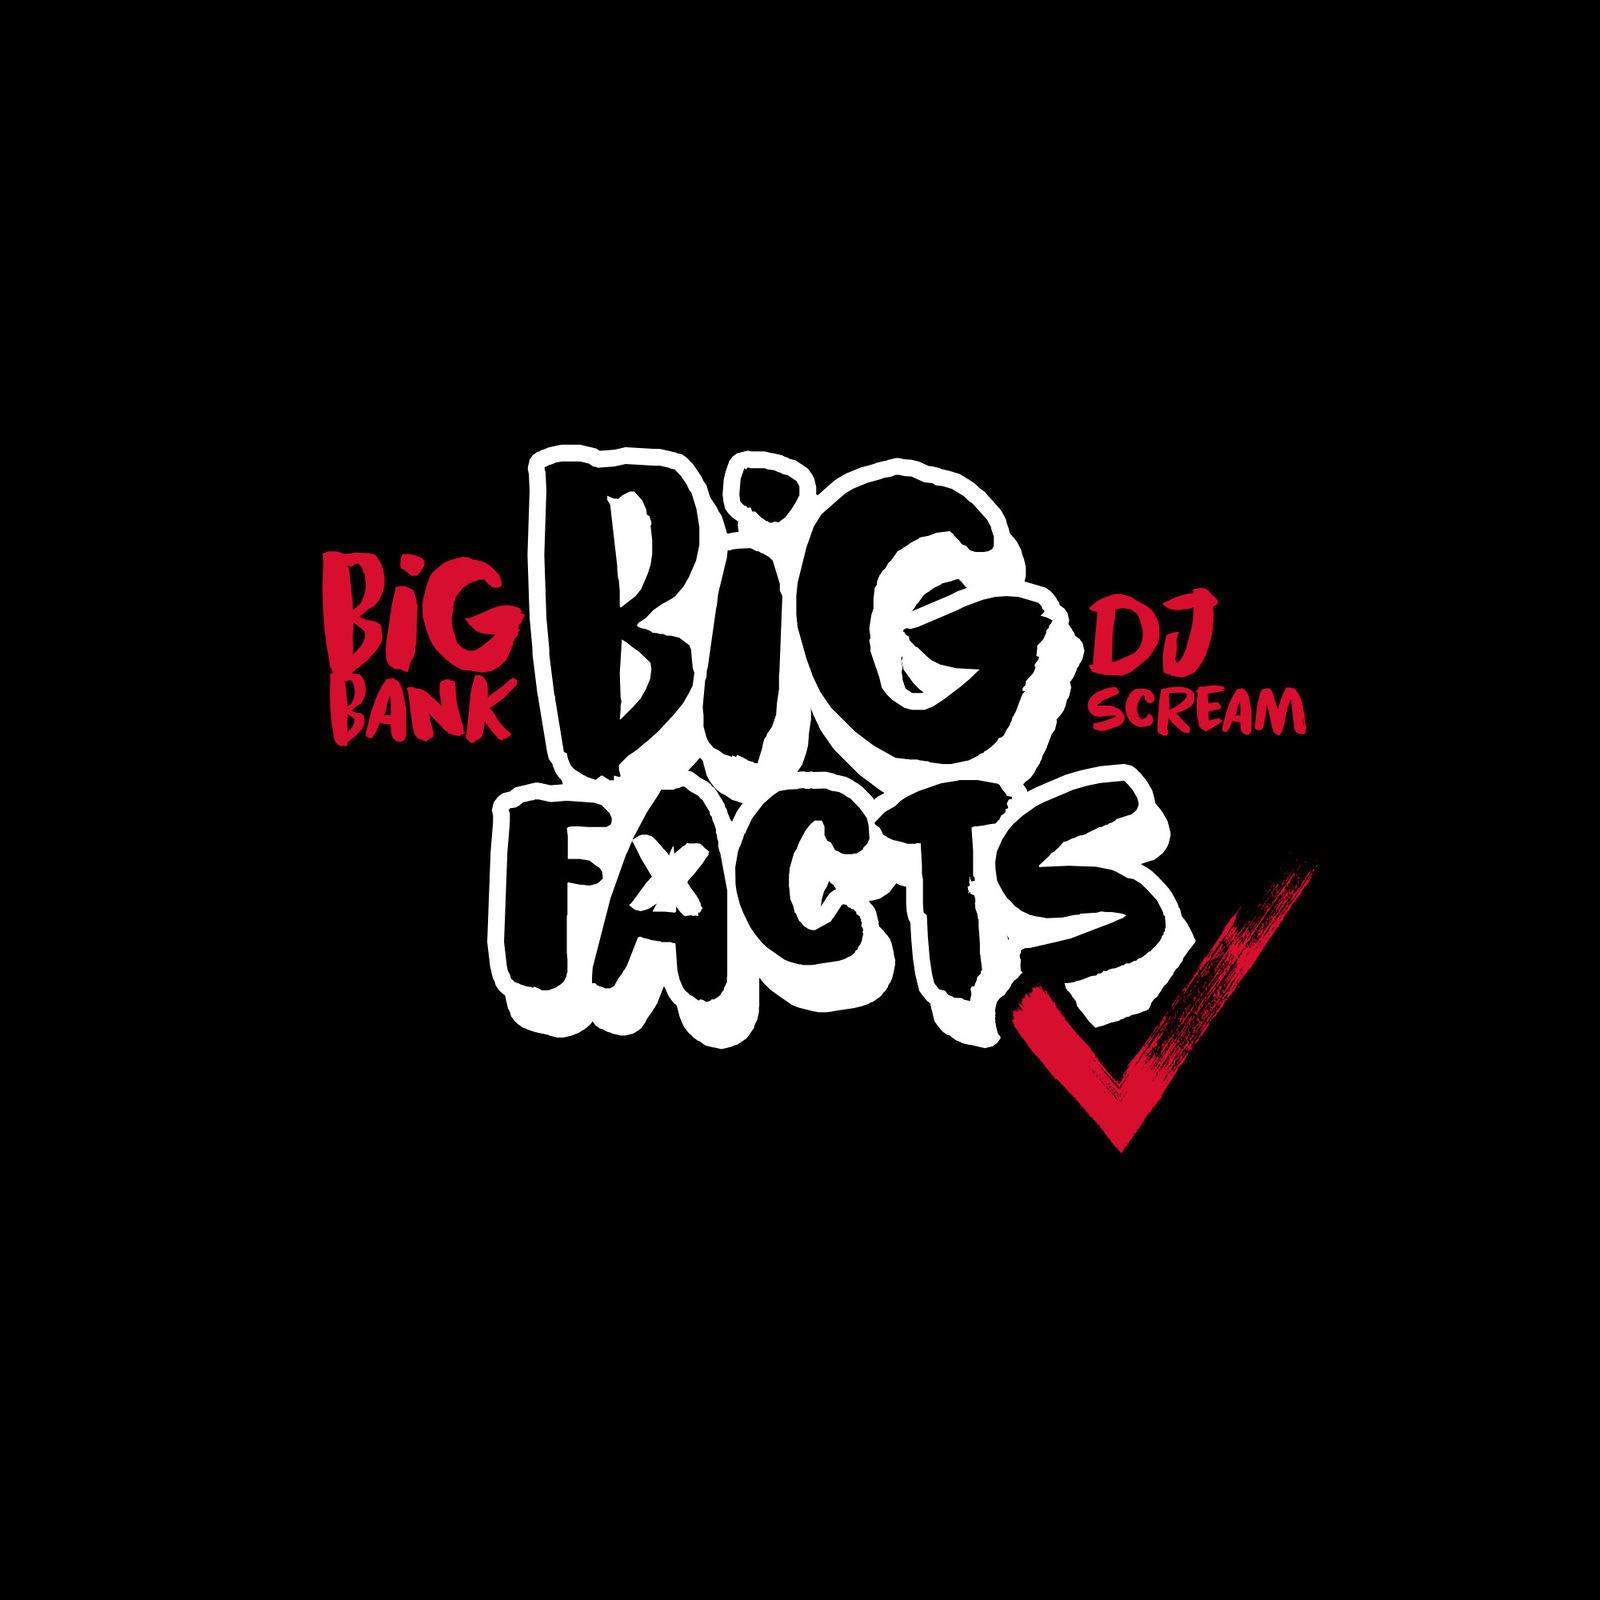 2: GET A JOB! BIG BANK & DJ SCREAM